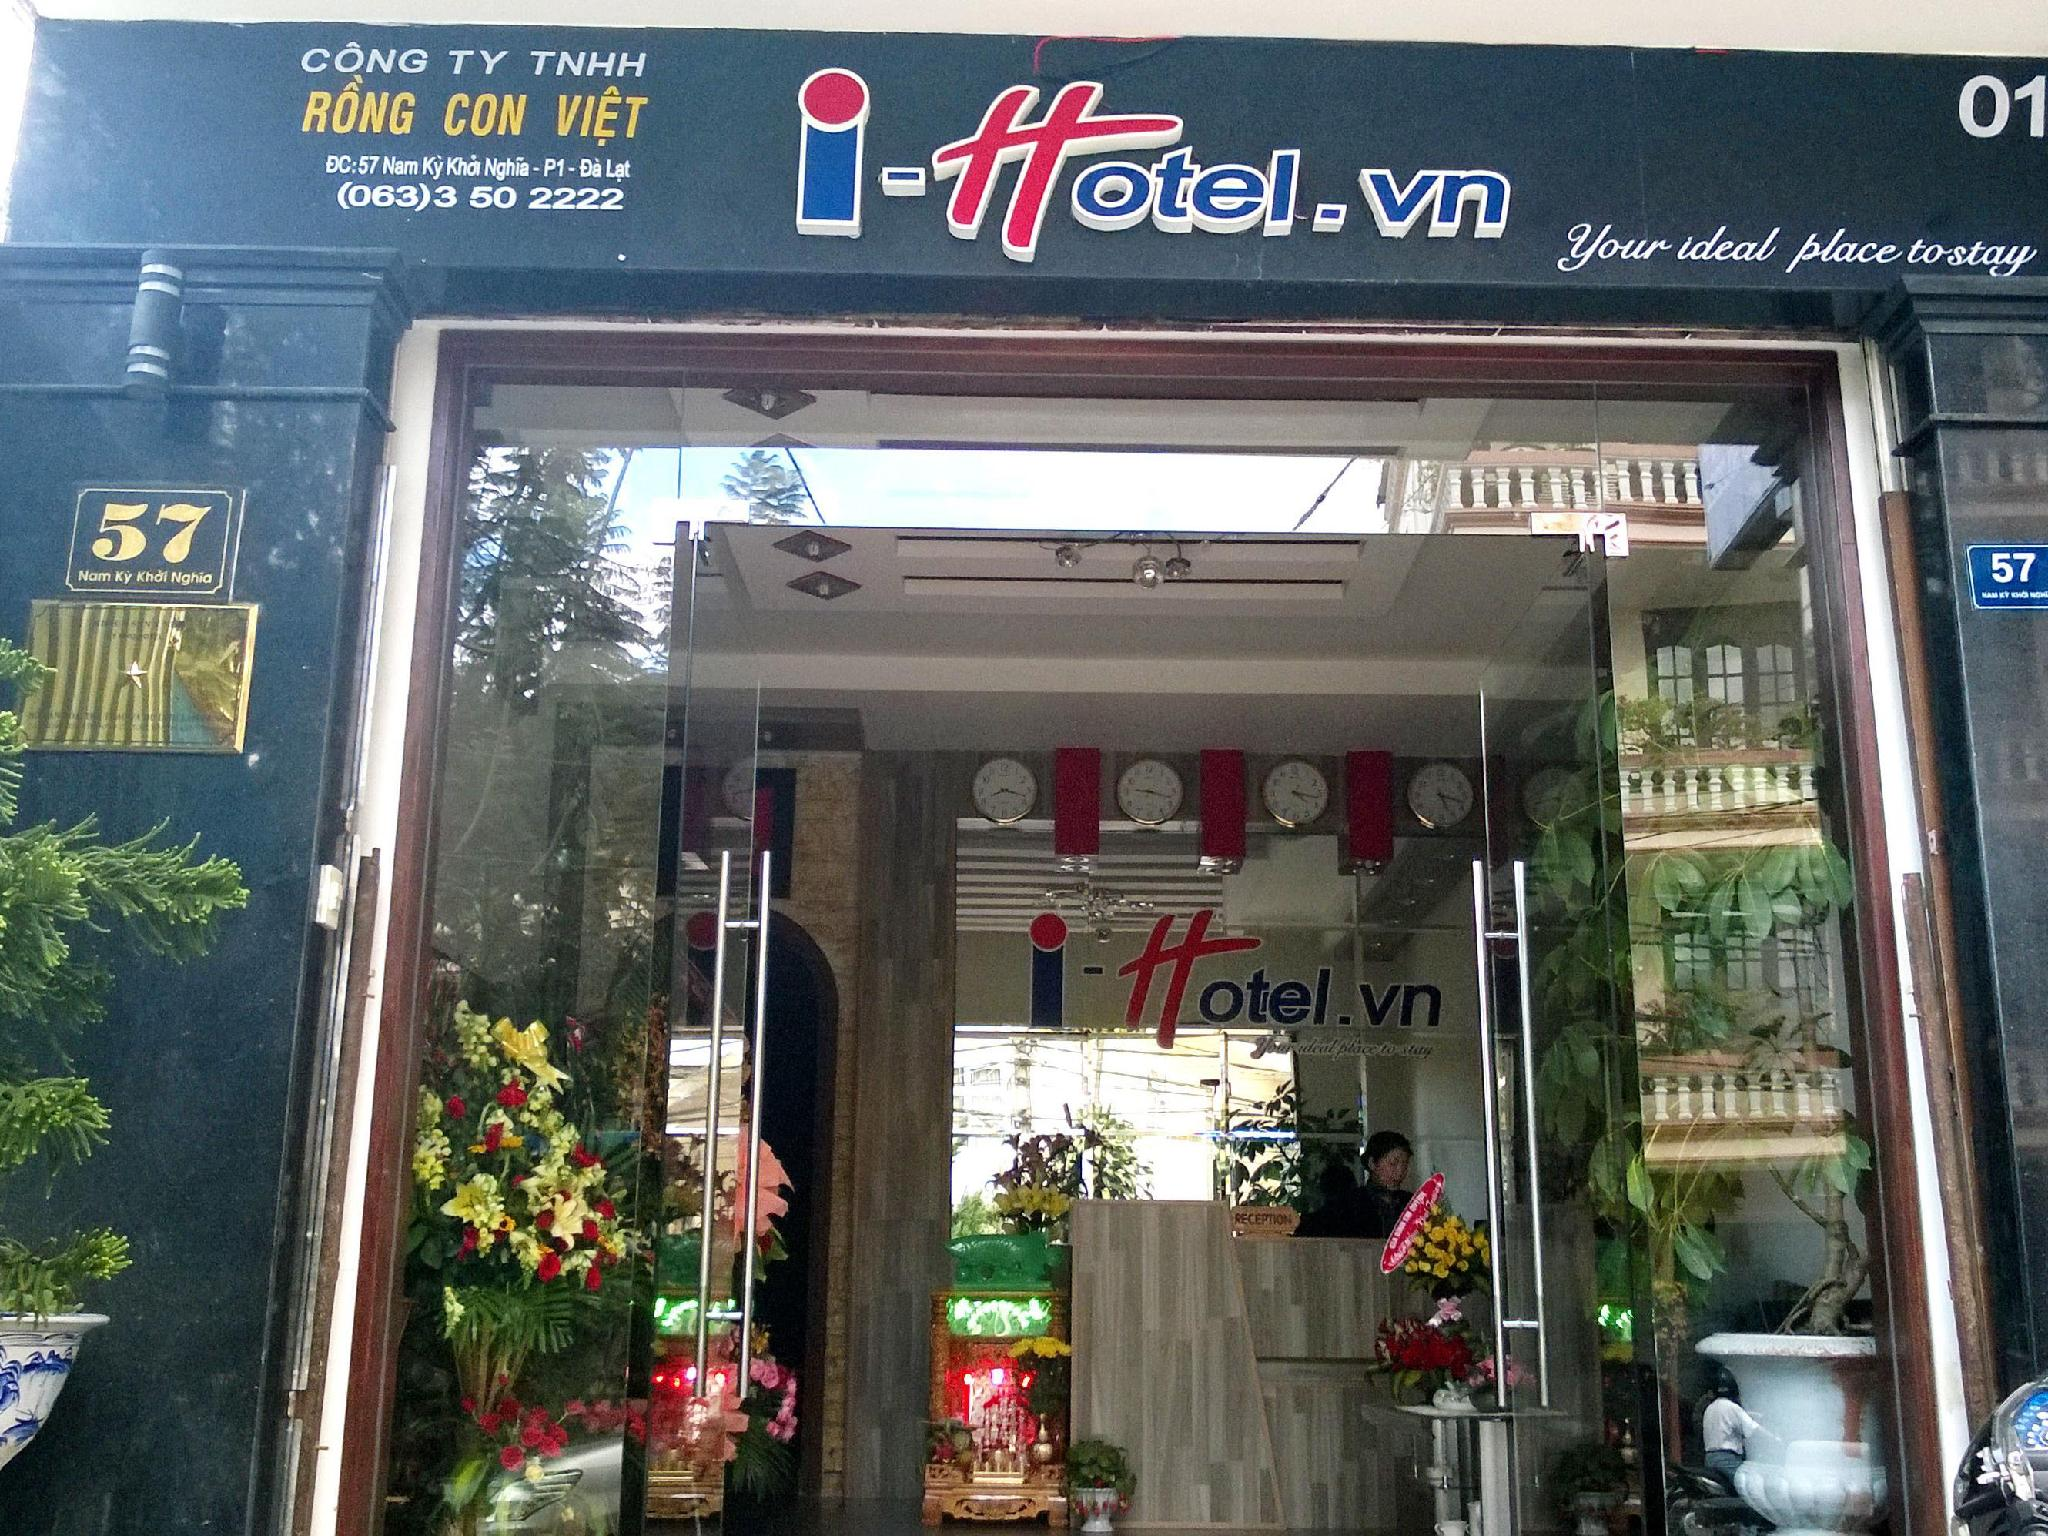 Y Nhu Hotel - Hotell och Boende i Vietnam , Dalat